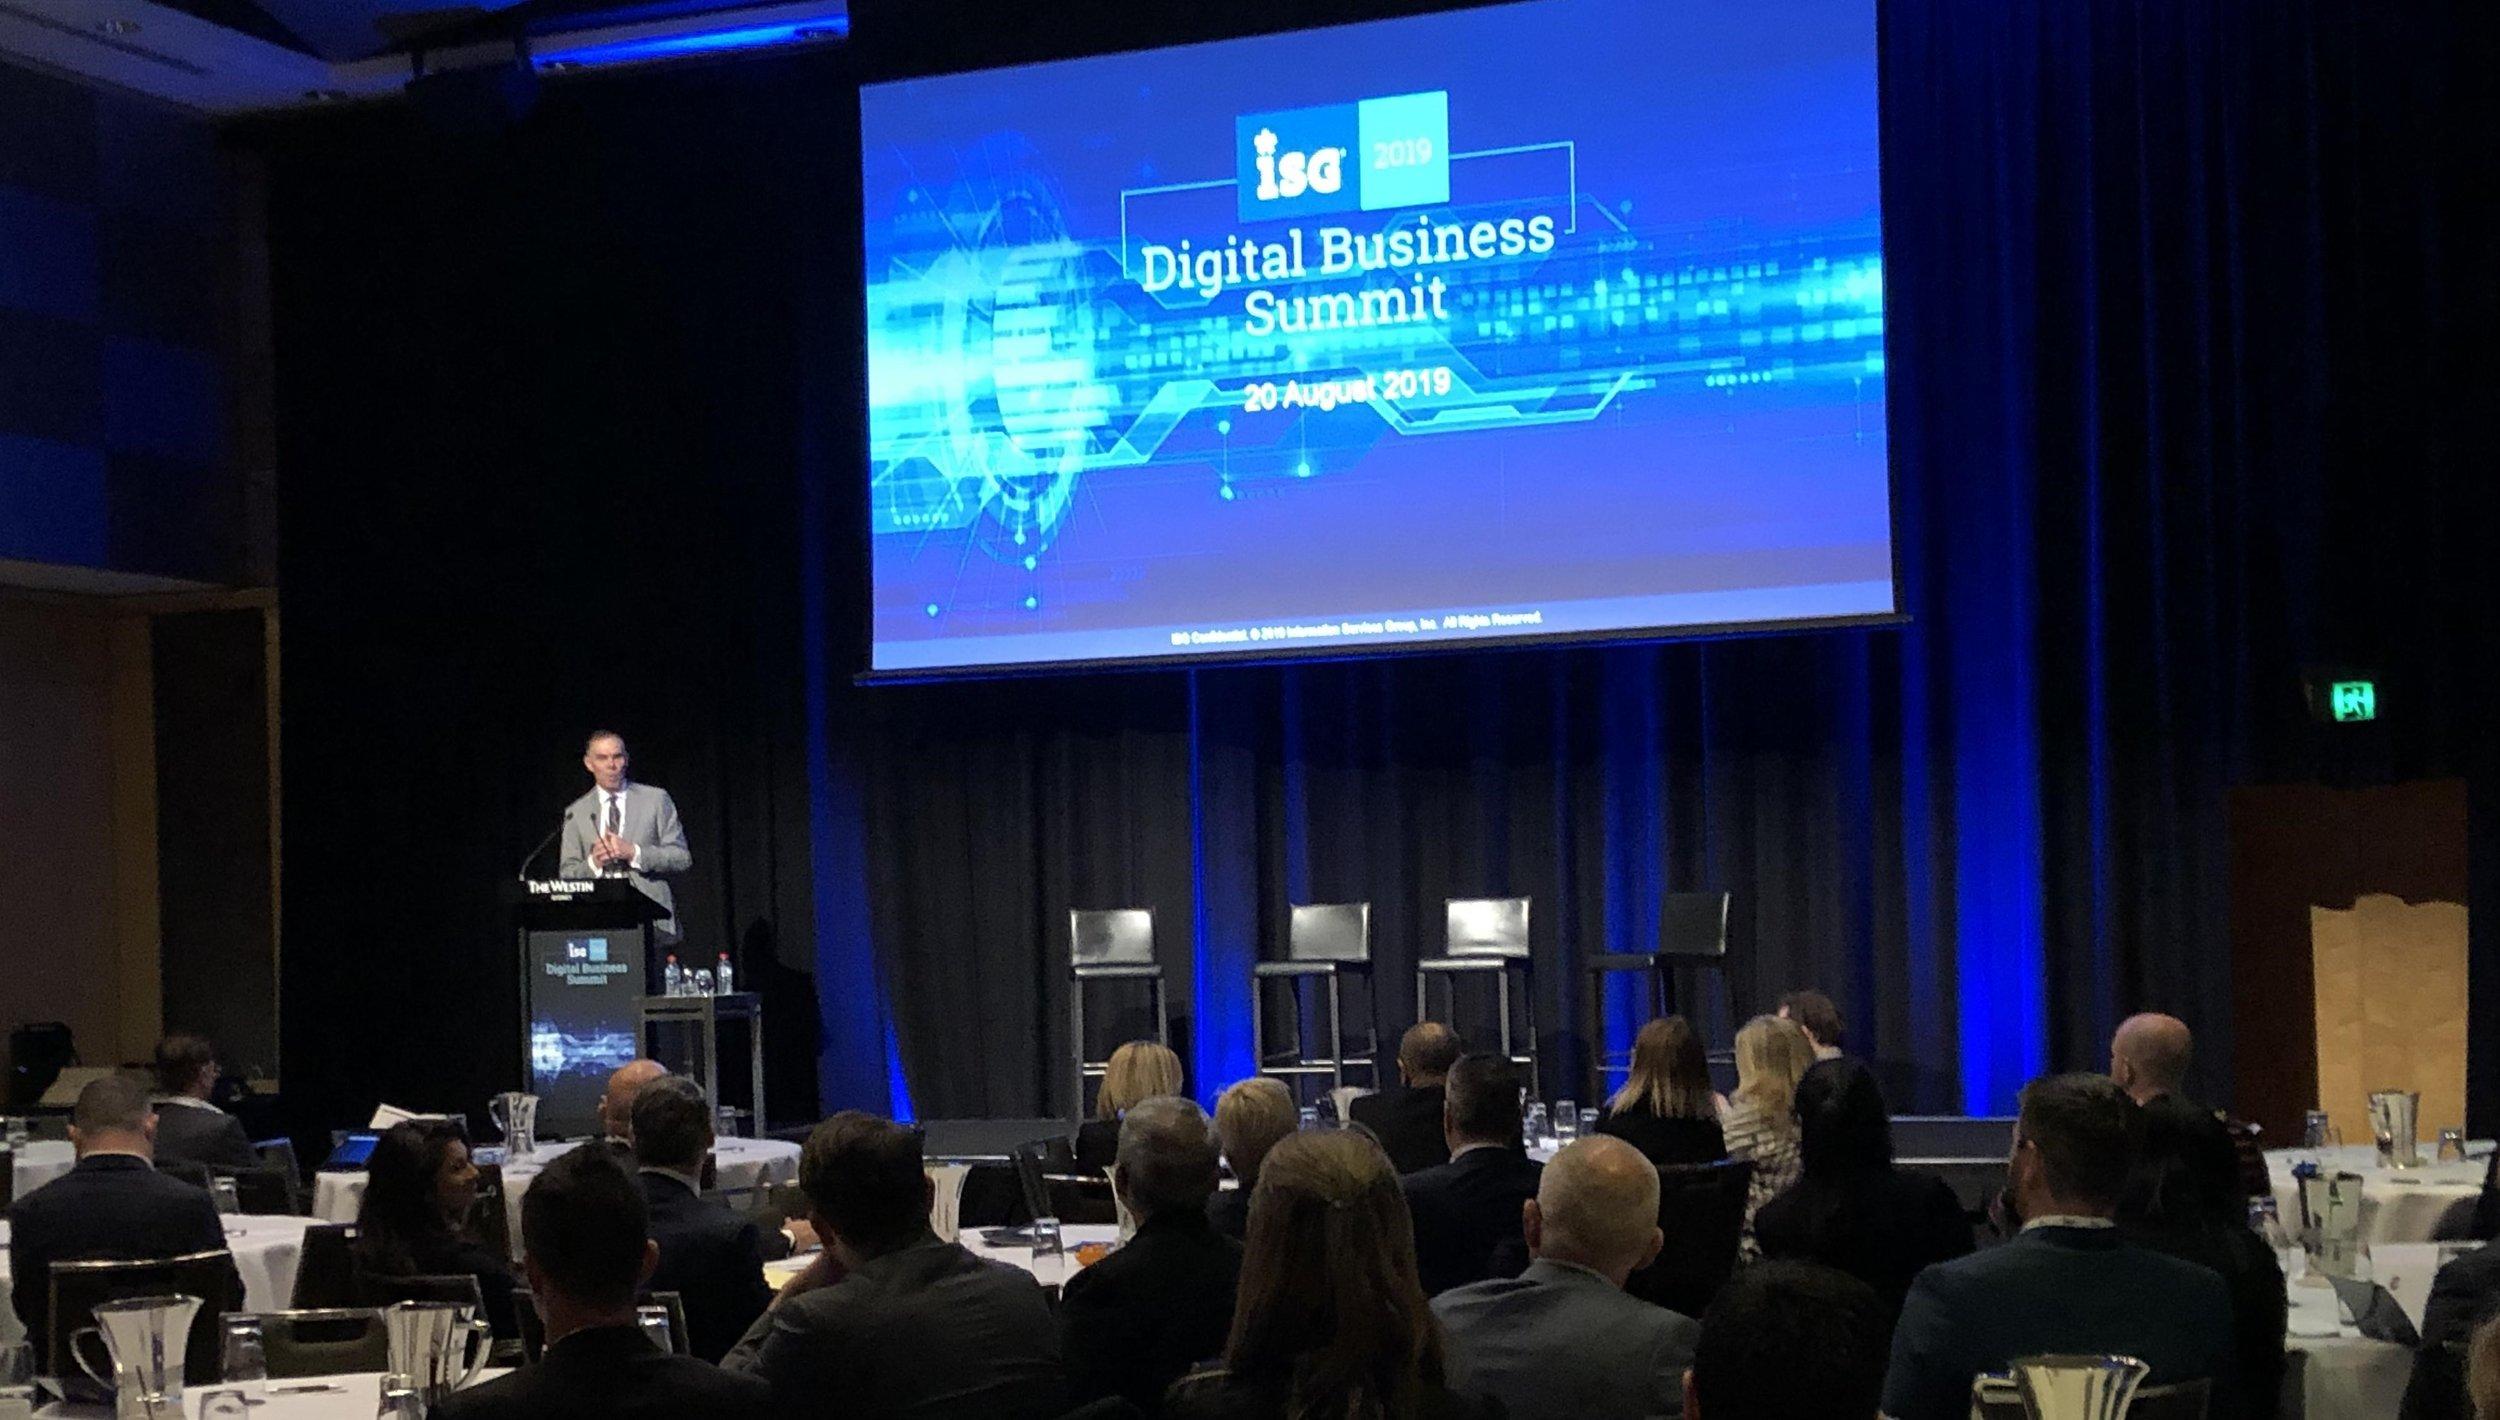 ISG Digital Business Summit - 20 August 2019